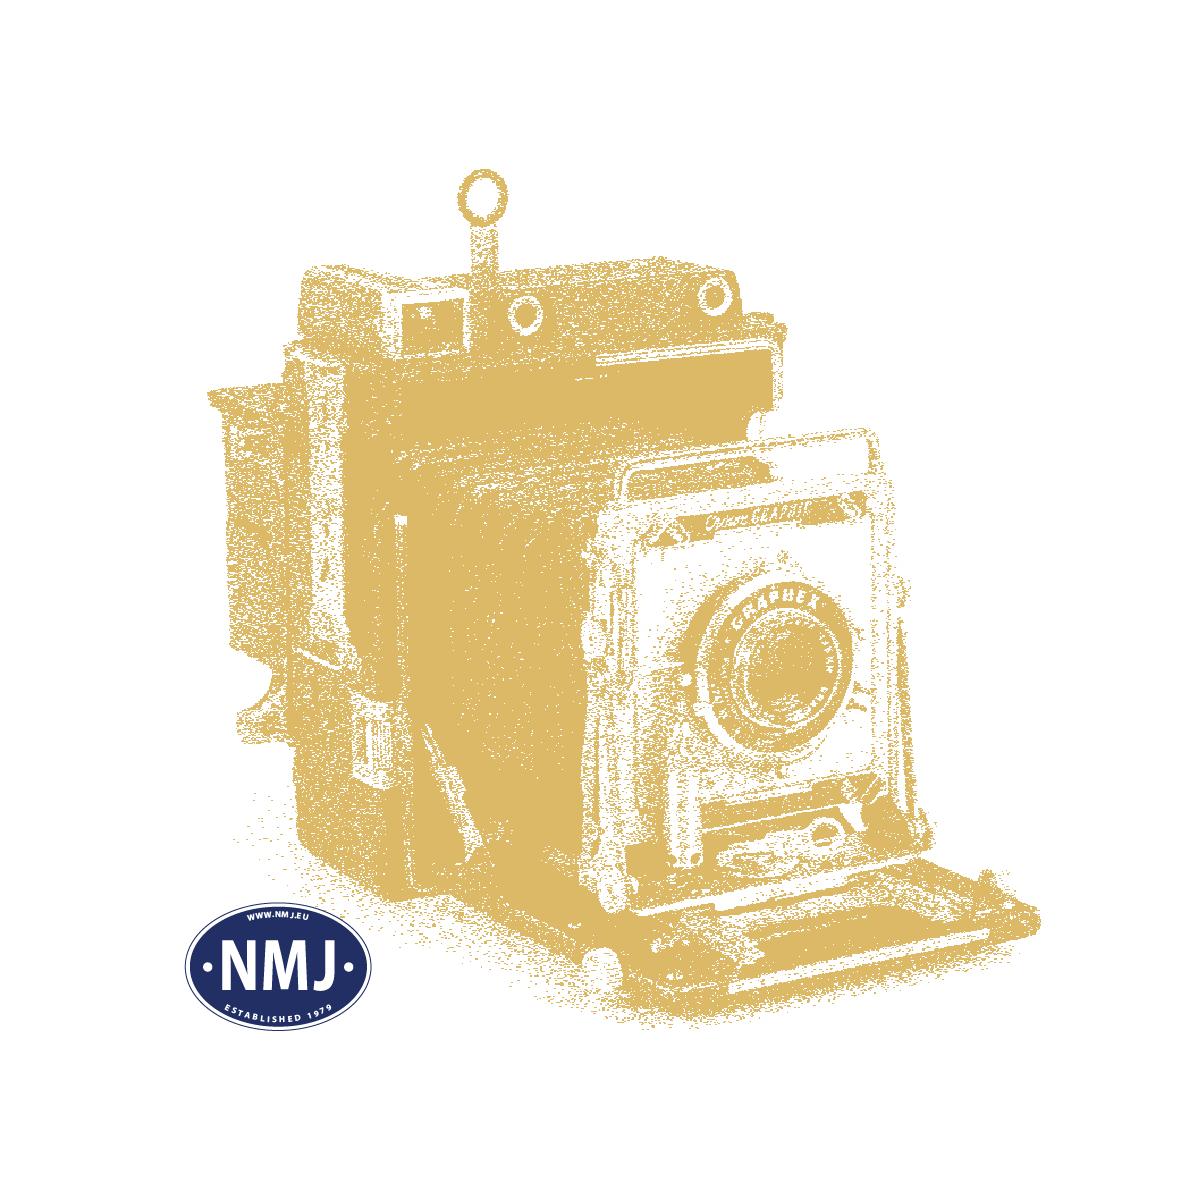 NMJT505.401 - NMJ Topline NSB Rps 31 76 393 3 450-4 m/ Finsam fliskasser med immitert last av flis